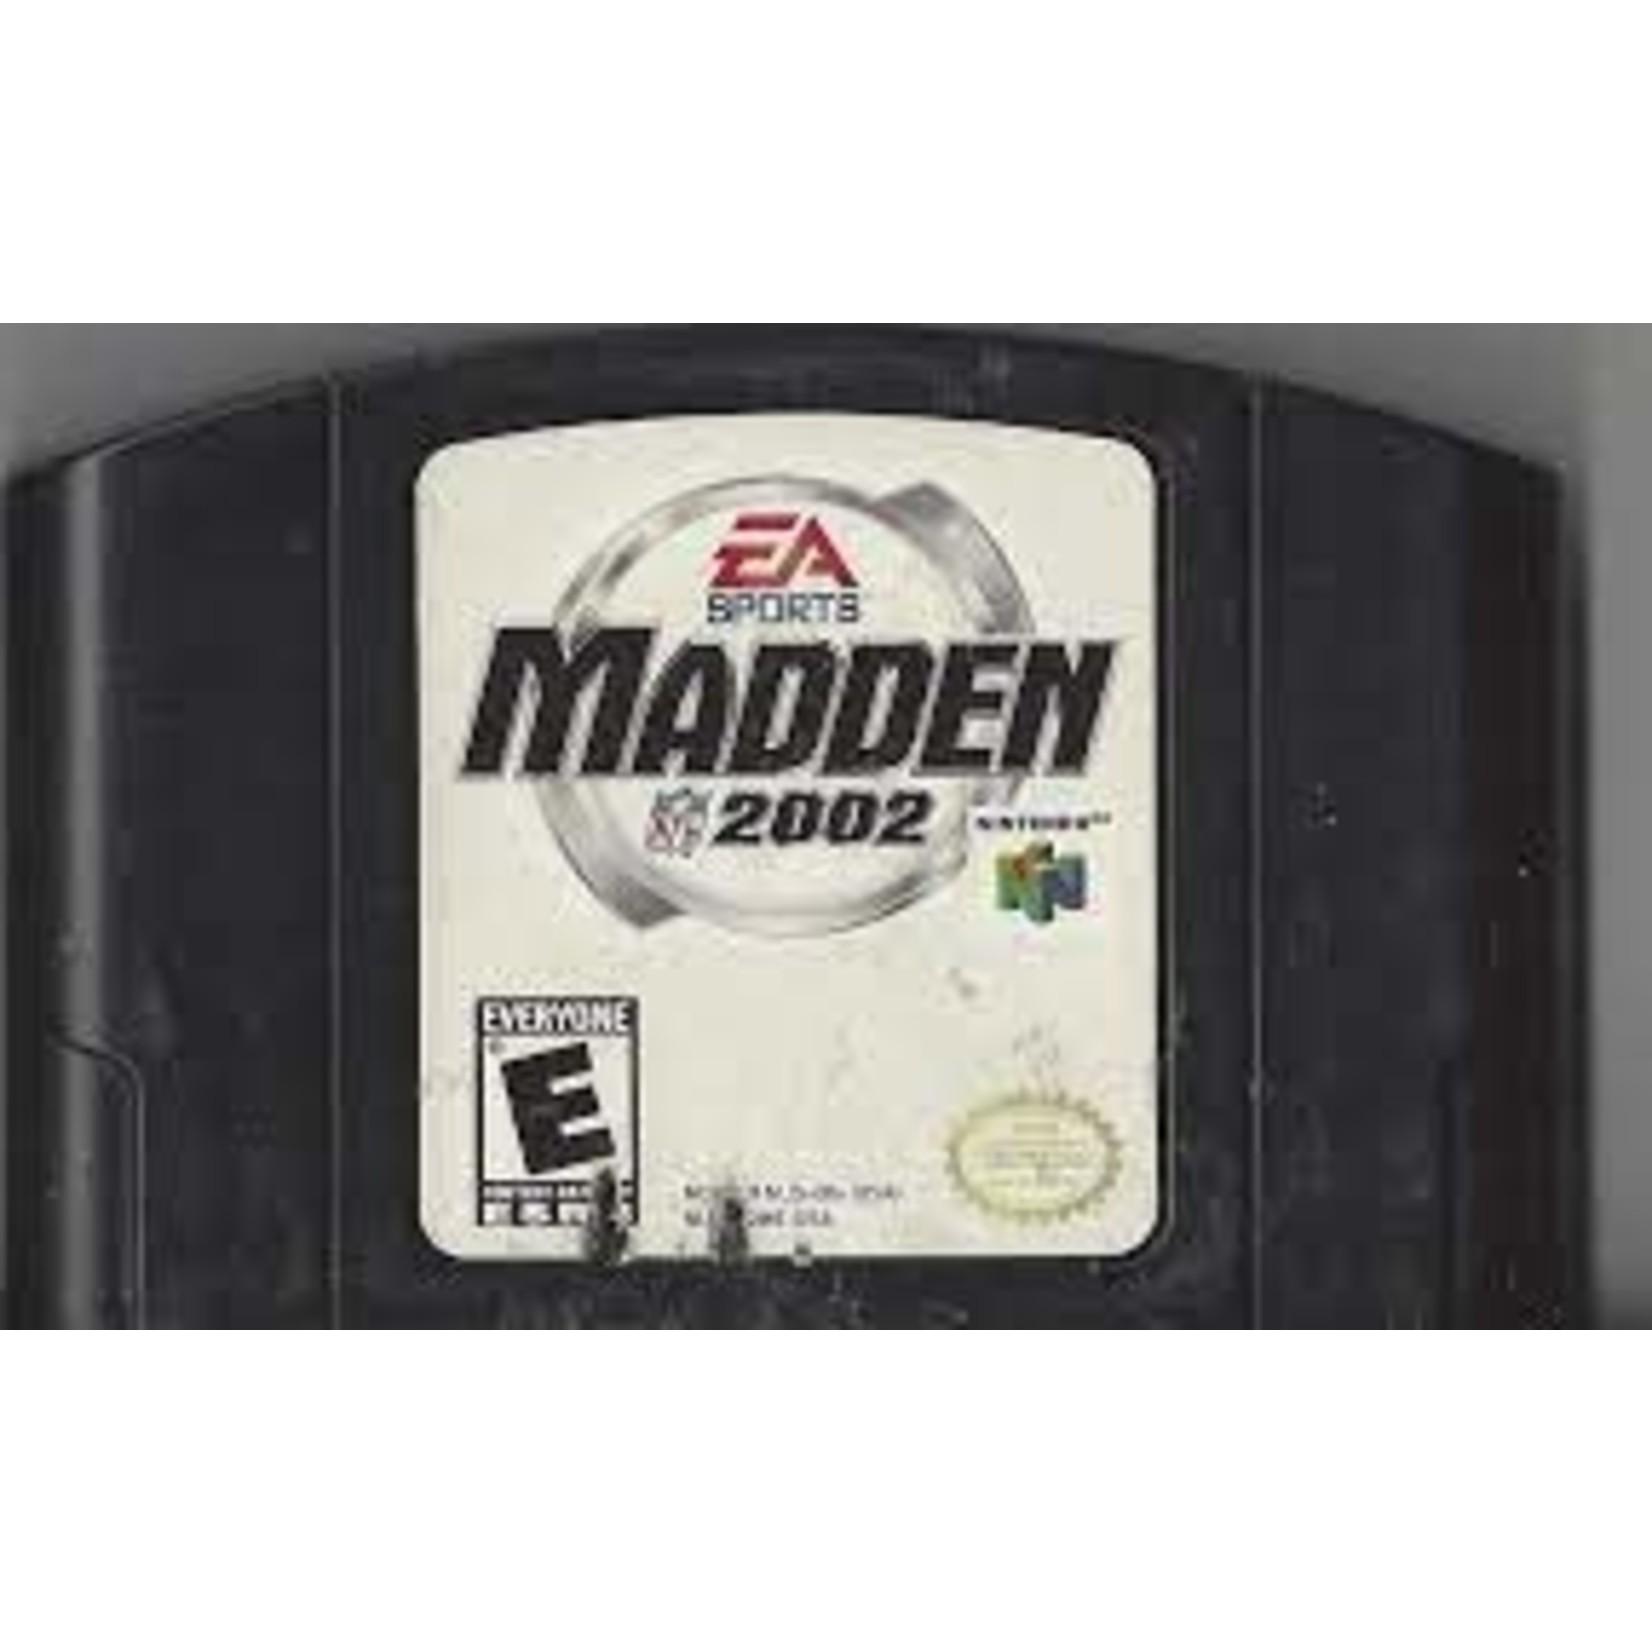 N64U-MADDEN 2002 (CARTRIDGE)